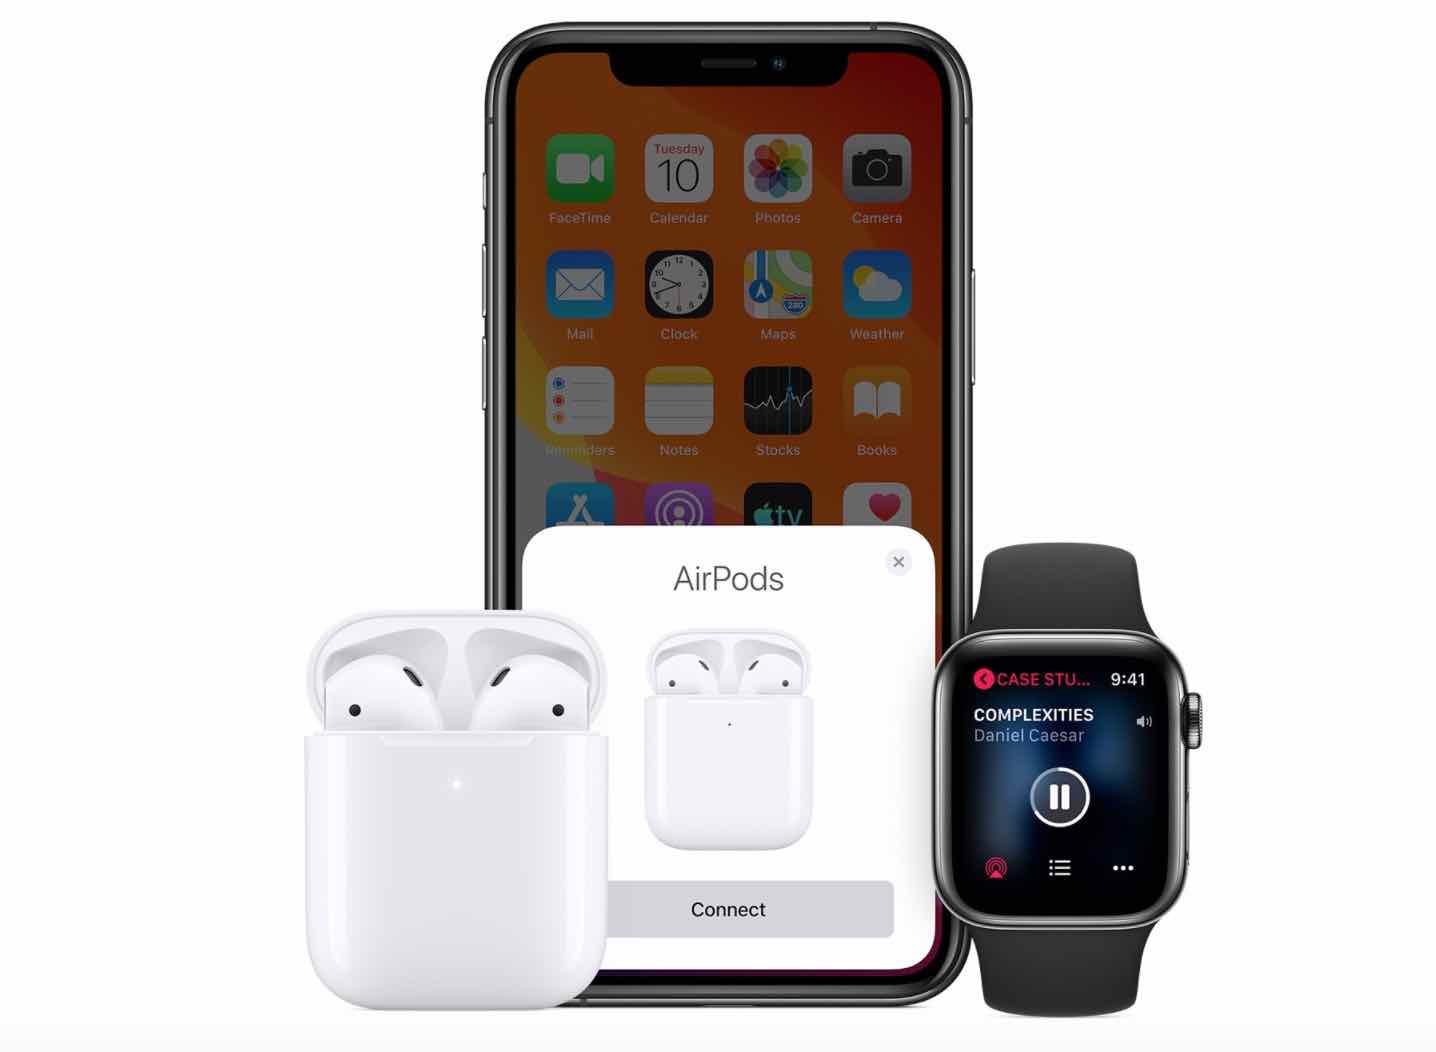 Mengatasi AirPods Tidak Terhubung Ke iPhone iPad Atau MacBook